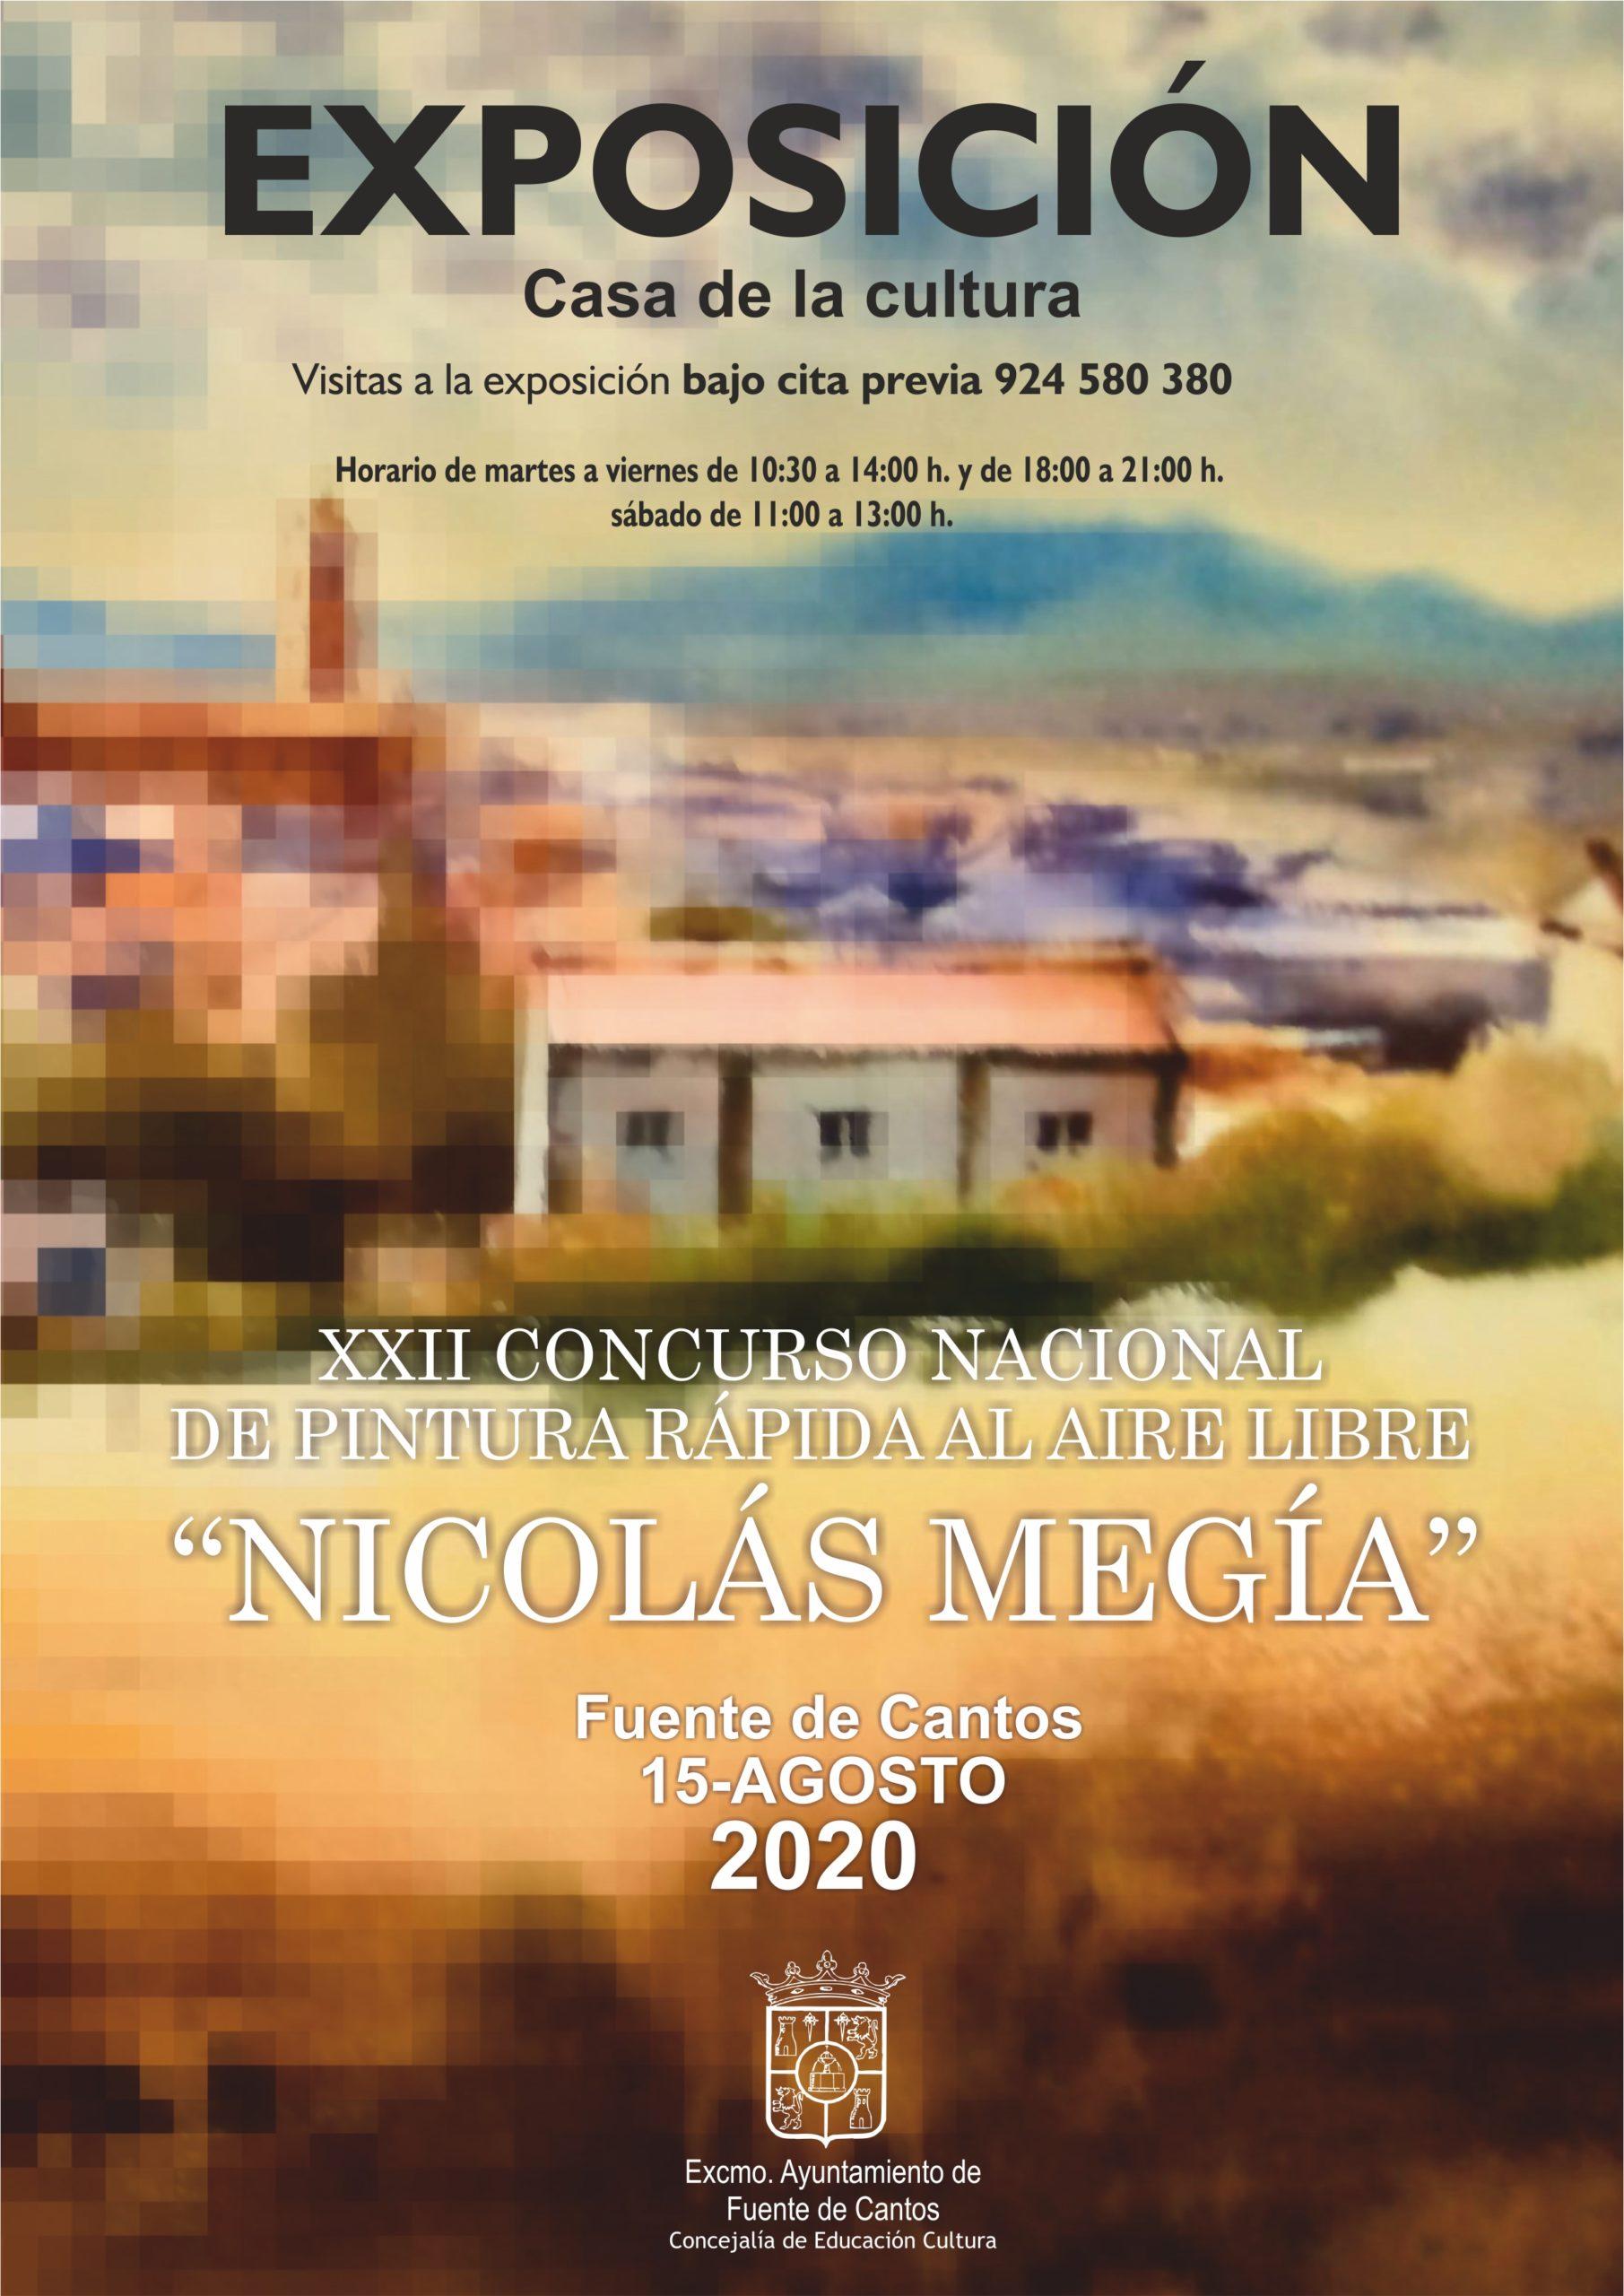 nicolasmegia2020a_1